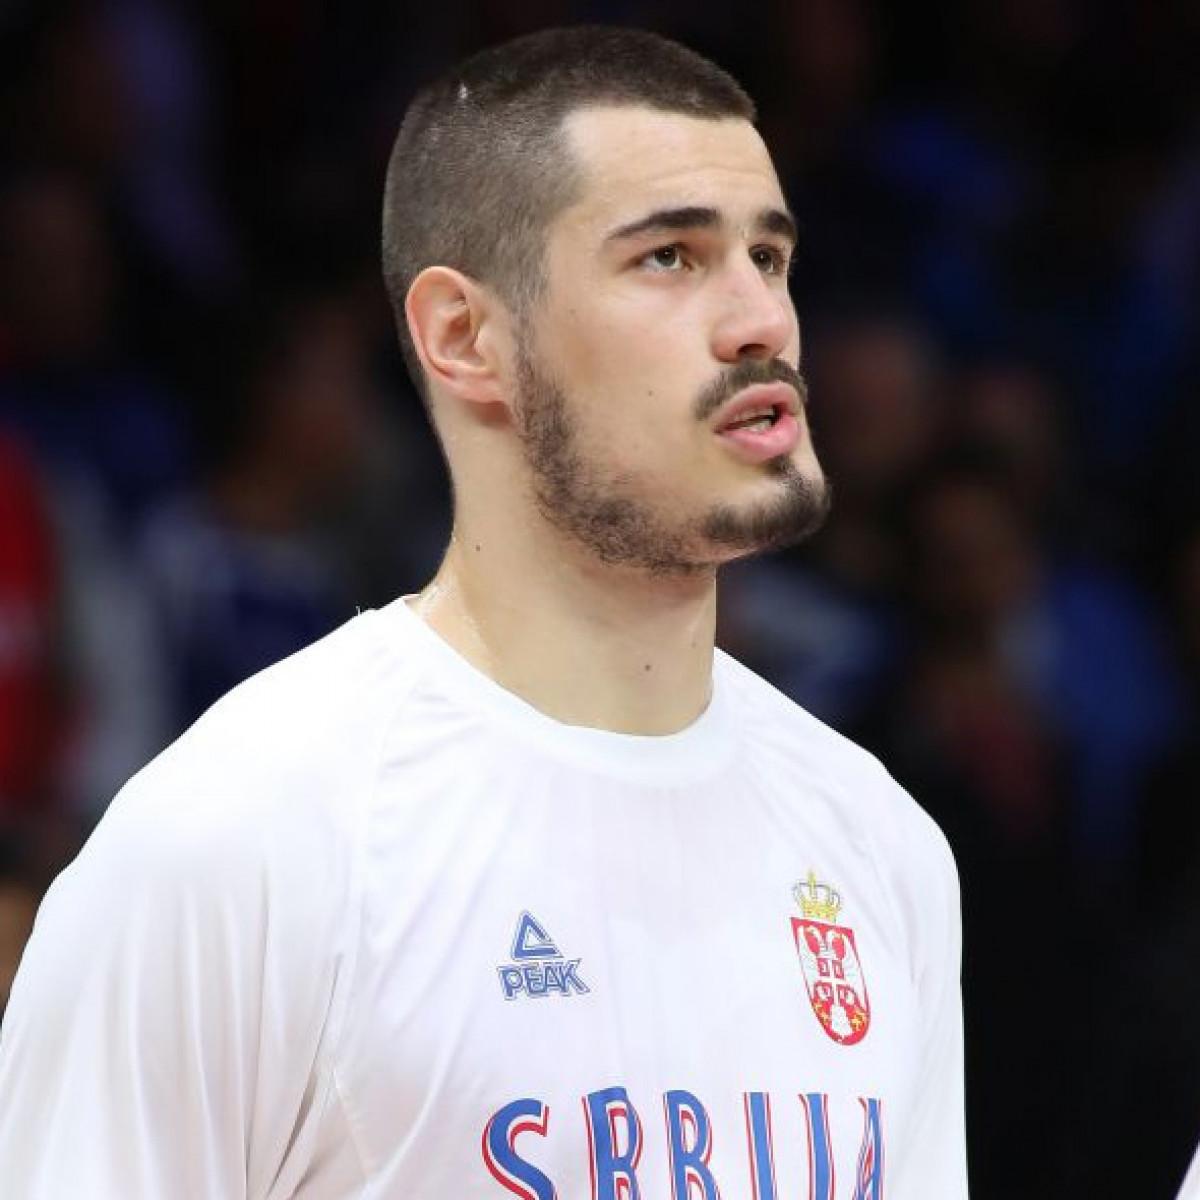 Photo of Nikola Kalinic, 2015-2016 season